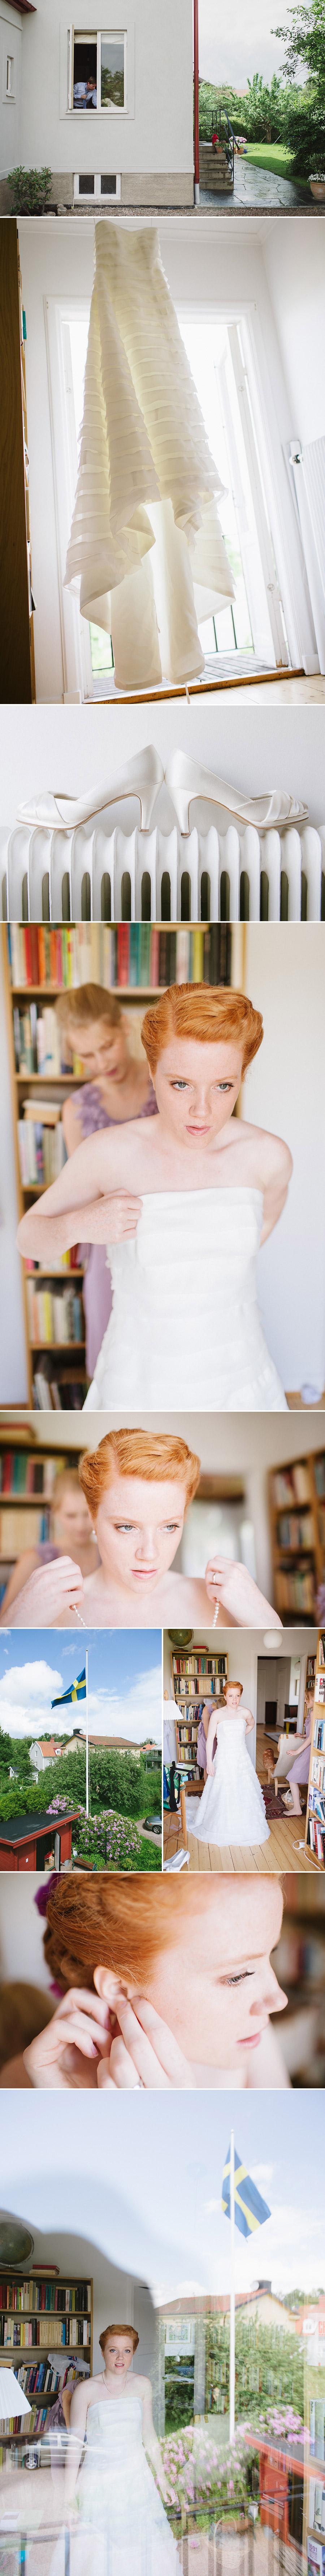 Bröllopsfotograf Alingsås Göteborg Förberedelser Bruden klänning skor